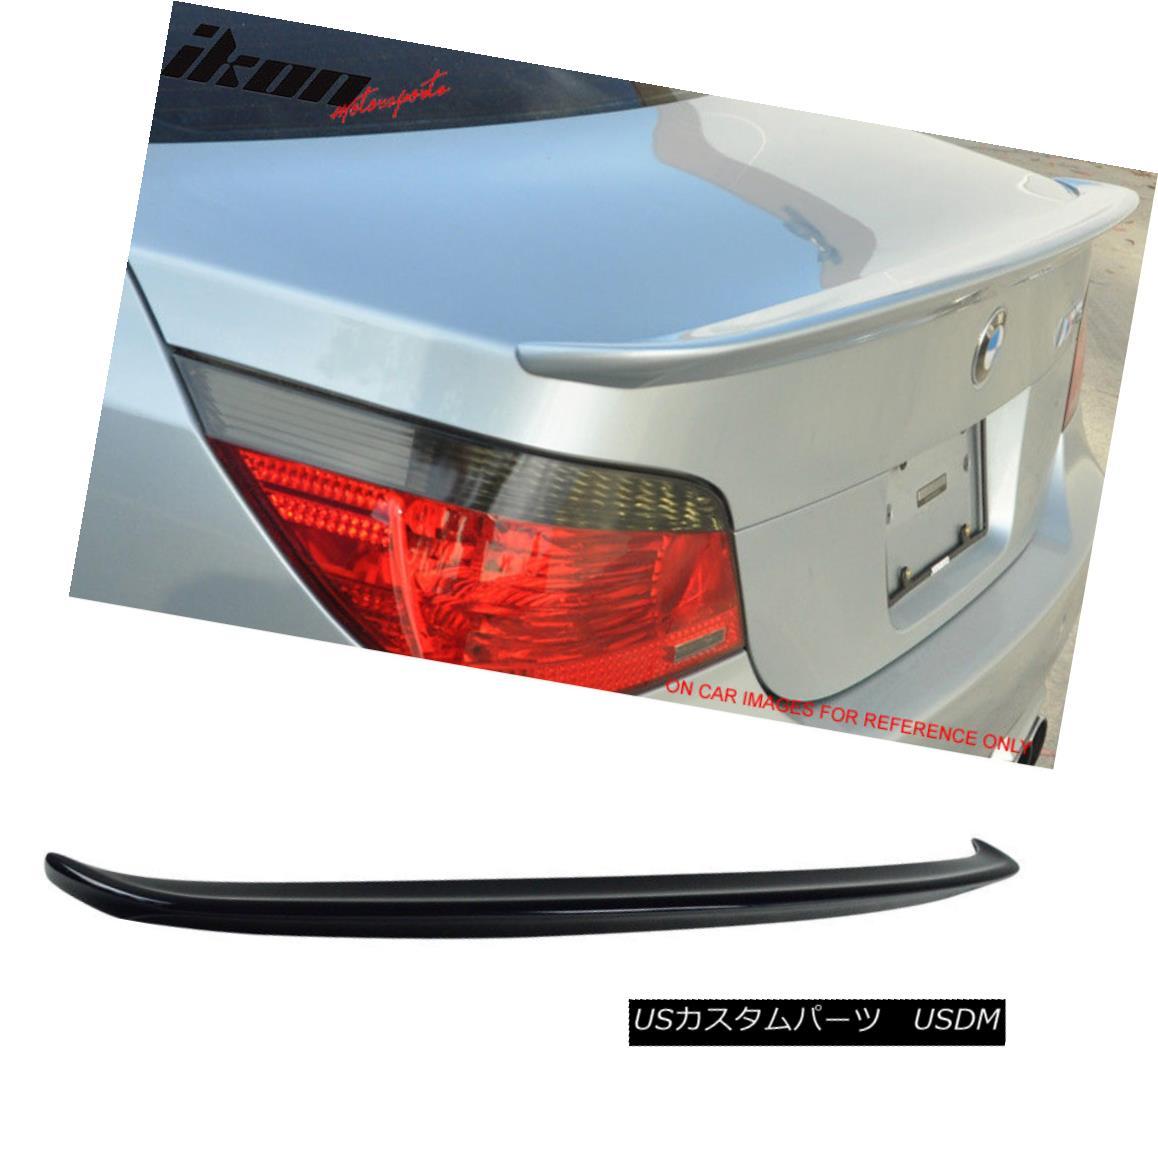 エアロパーツ Fit 04-10 5 Series E60 Sedan AC Trunk Spoiler Painted #416 Carbon Black Metallic フィット04-10 5シリーズE60セダンACトランク・スポイラー・ペイント#416カーボンブラック・メタリック